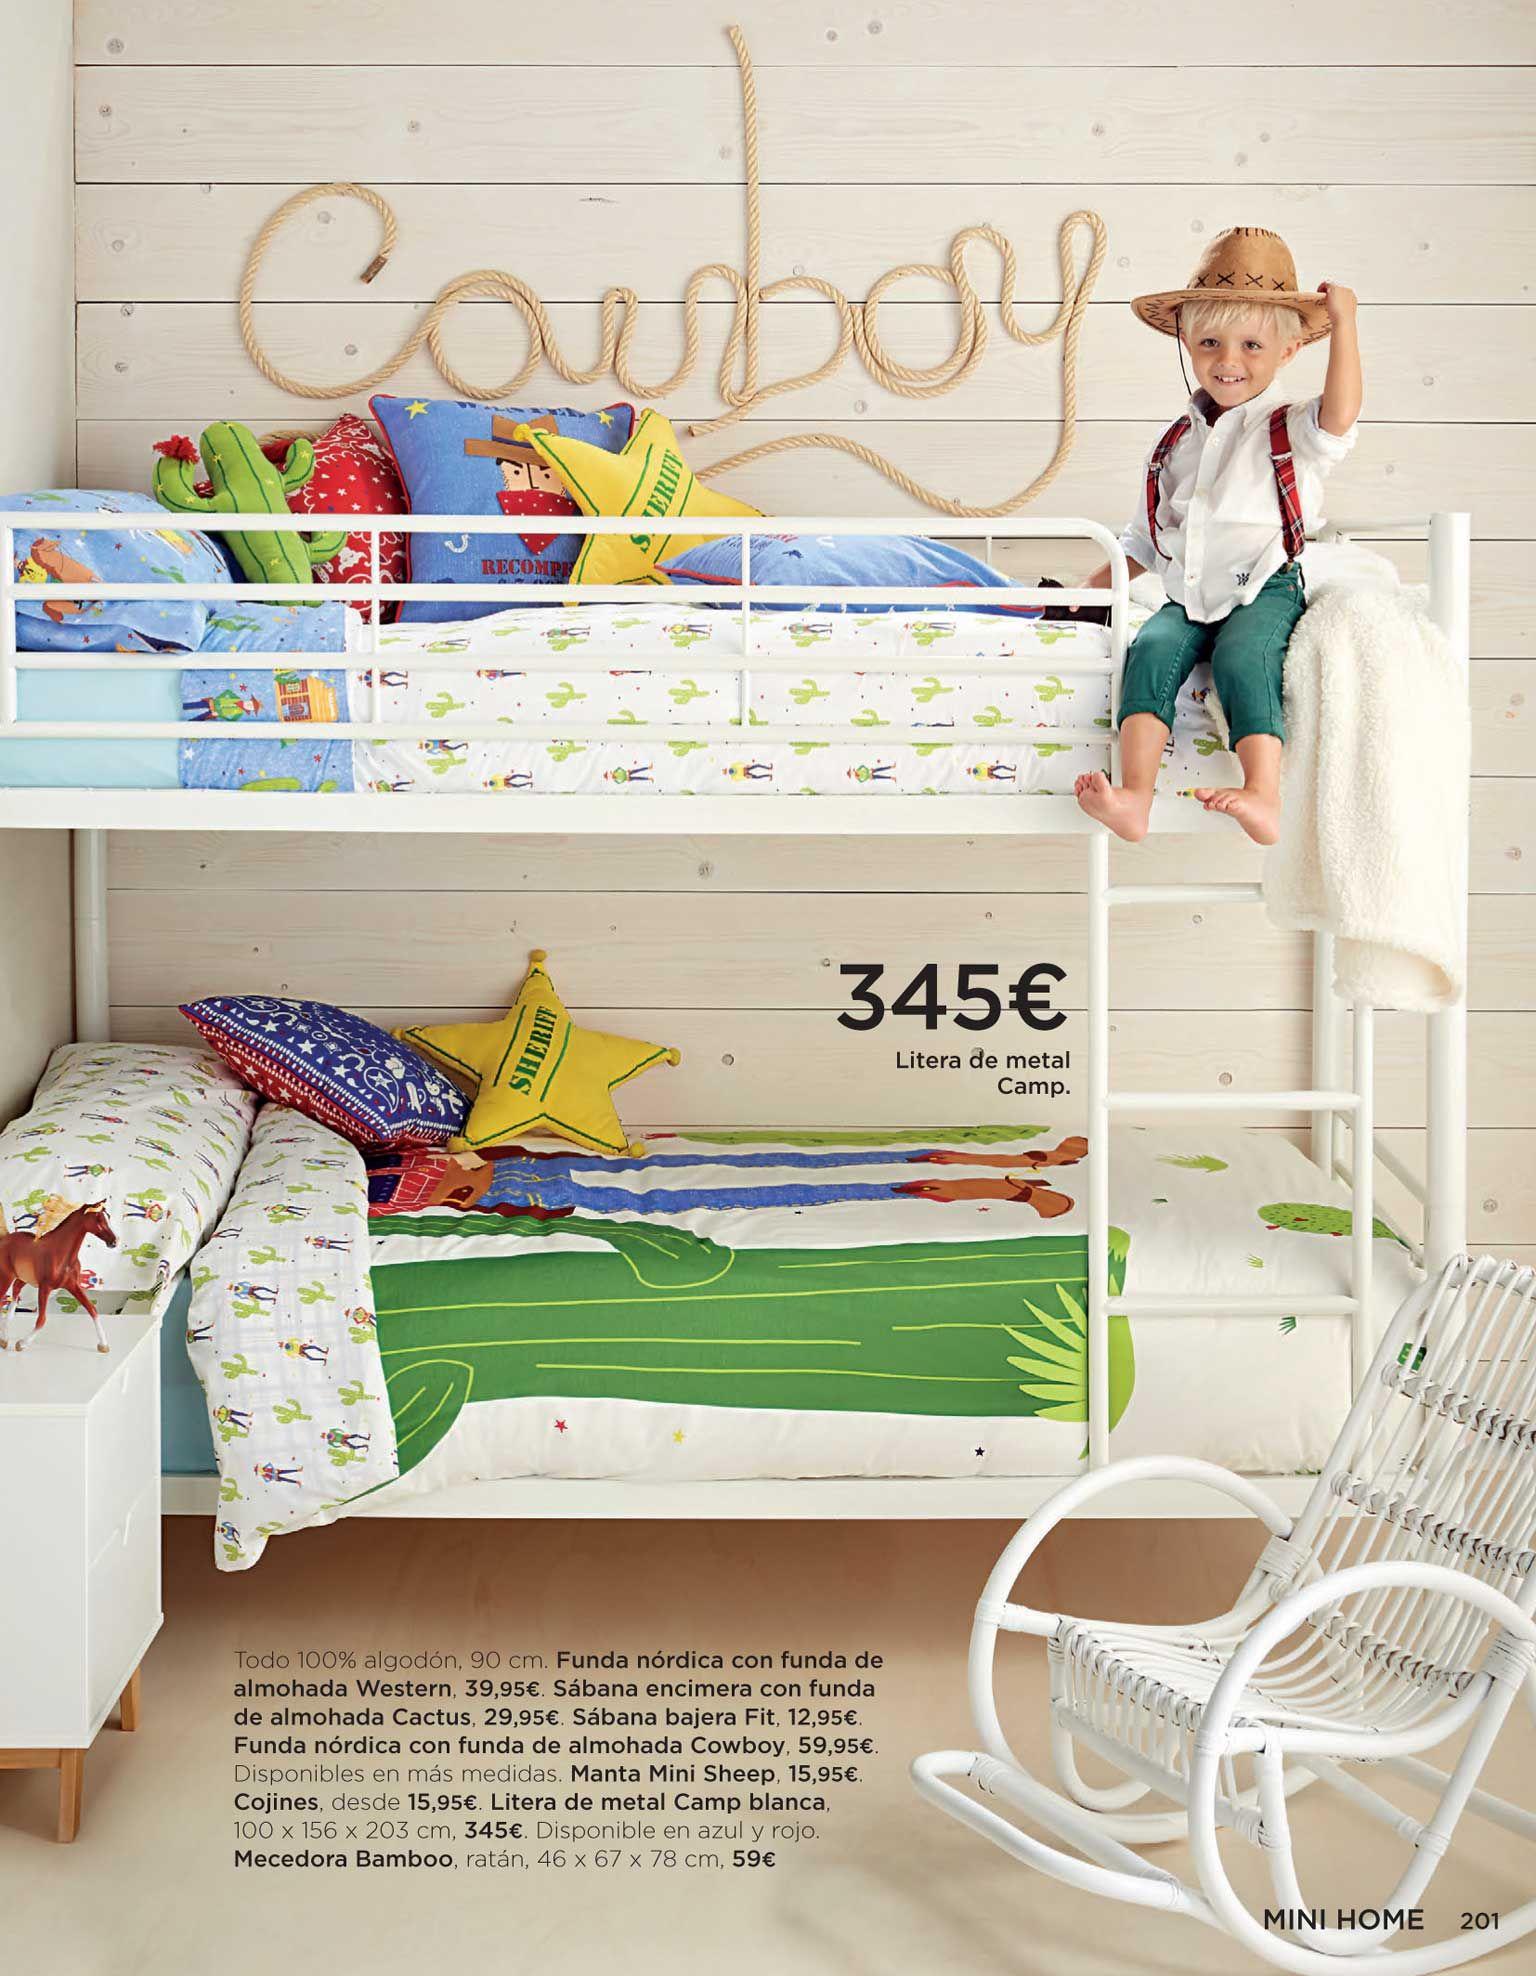 Litera De Metal Mini Home El Corte Ingl S Camp Blanco Cosas  ~ Dormitorios Juveniles Corte Ingles Catalogo